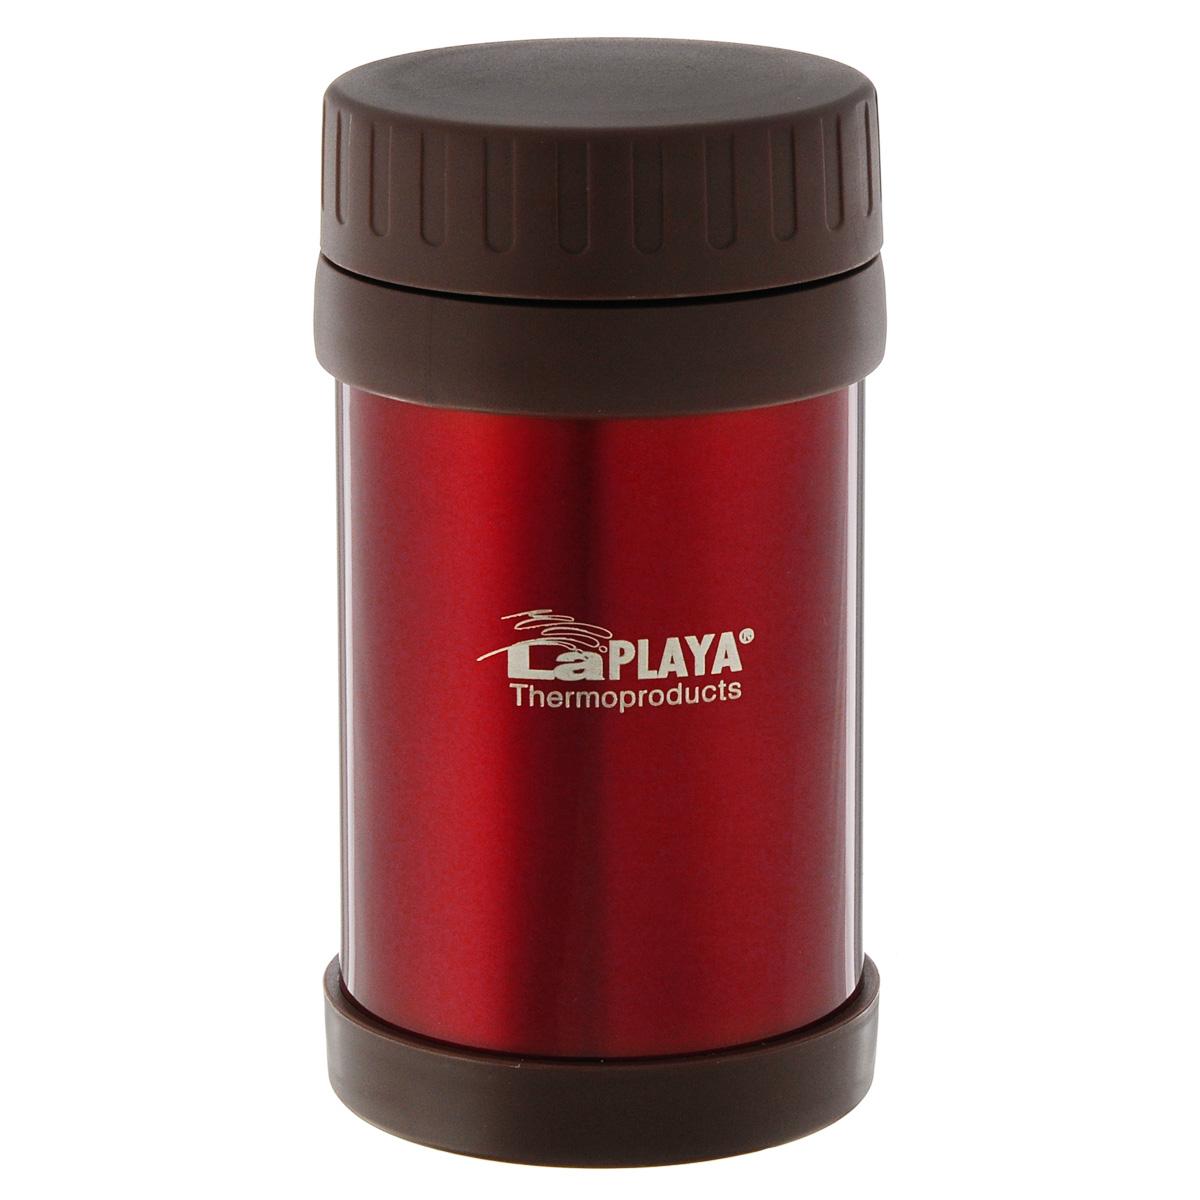 Термос для еды LaPlaya Food Container, цвет: красный, 500 мл115610Корпус термоса LaPlaya Food Container изготовлен из высококачественной нержавеющей стали с двумя стенками и превосходной вакуумной изоляцией. Термос оснащен крышкой, благодаря которой сохраняется абсолютная герметичность. Изделие имеет большое горлышко, поэтому идеально подходит для салатов, закусок, первых и вторых блюд.Такой термос удобен в использовании и станет полезным подарком. Нельзя мыть в посудомоечной машине. Диаметр (по верхнему краю): 7 см. Диаметр основания: 8,5 см. Высота (без учета крышки): 15,5 см.